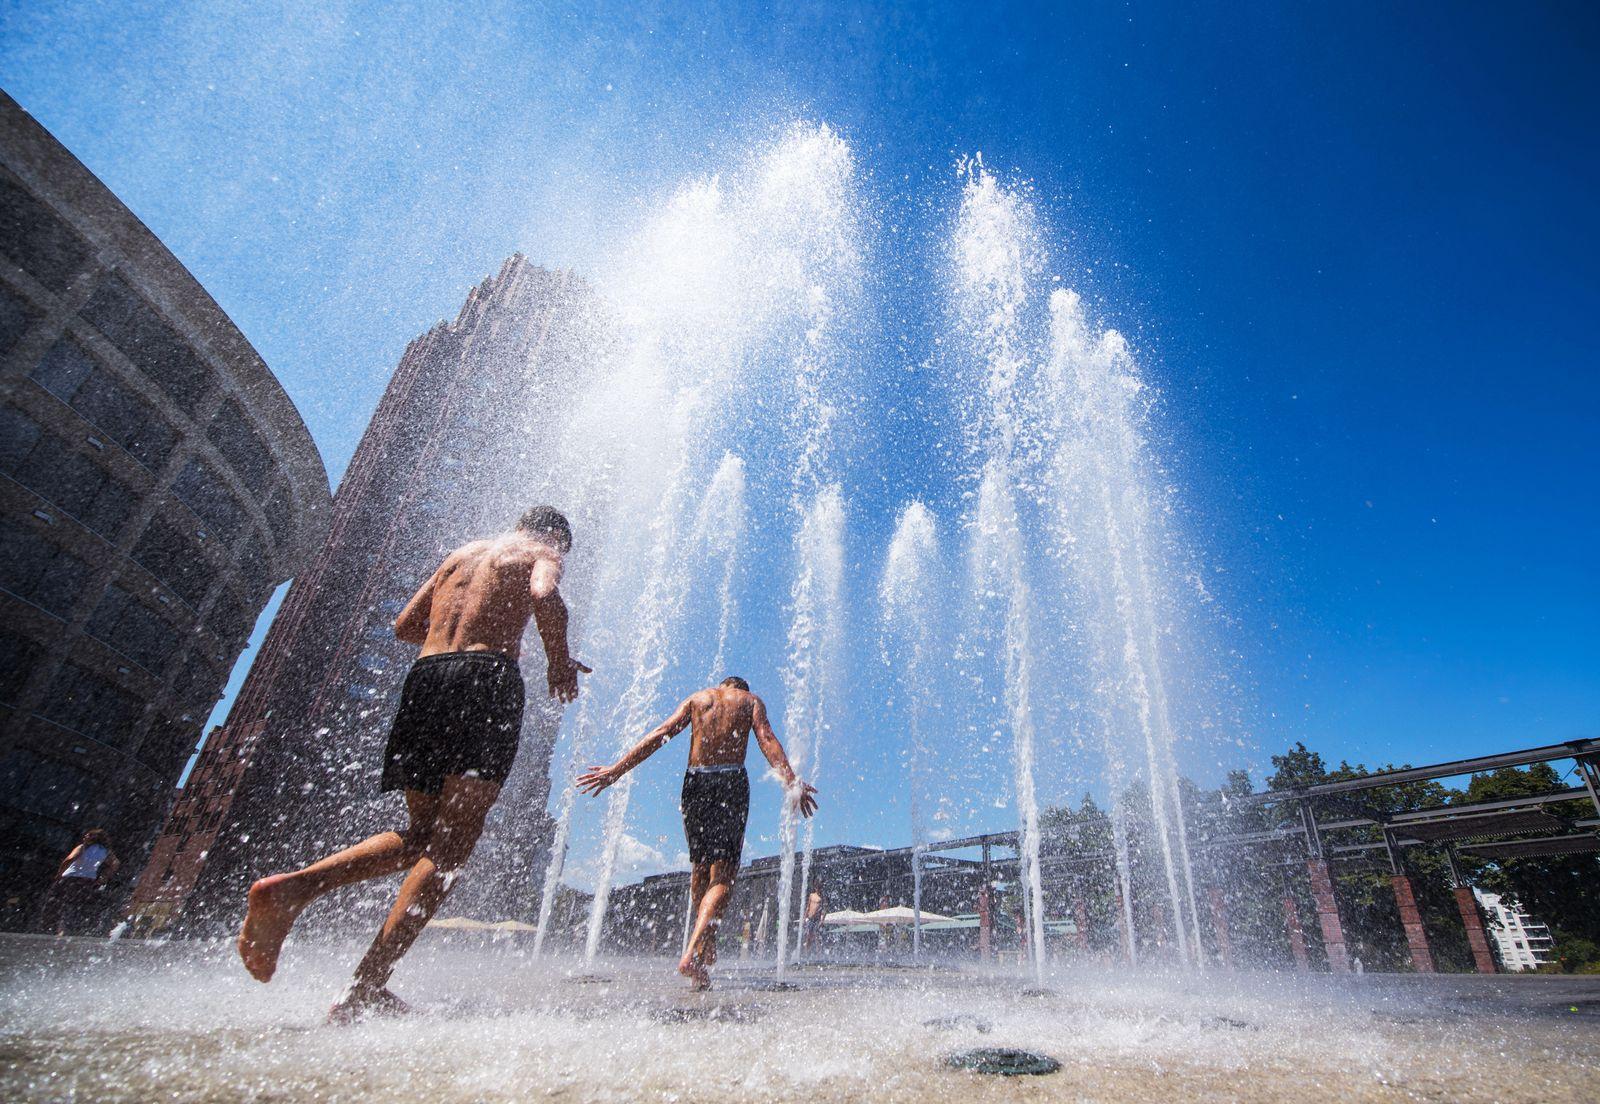 Sommer Hitze Kühlung